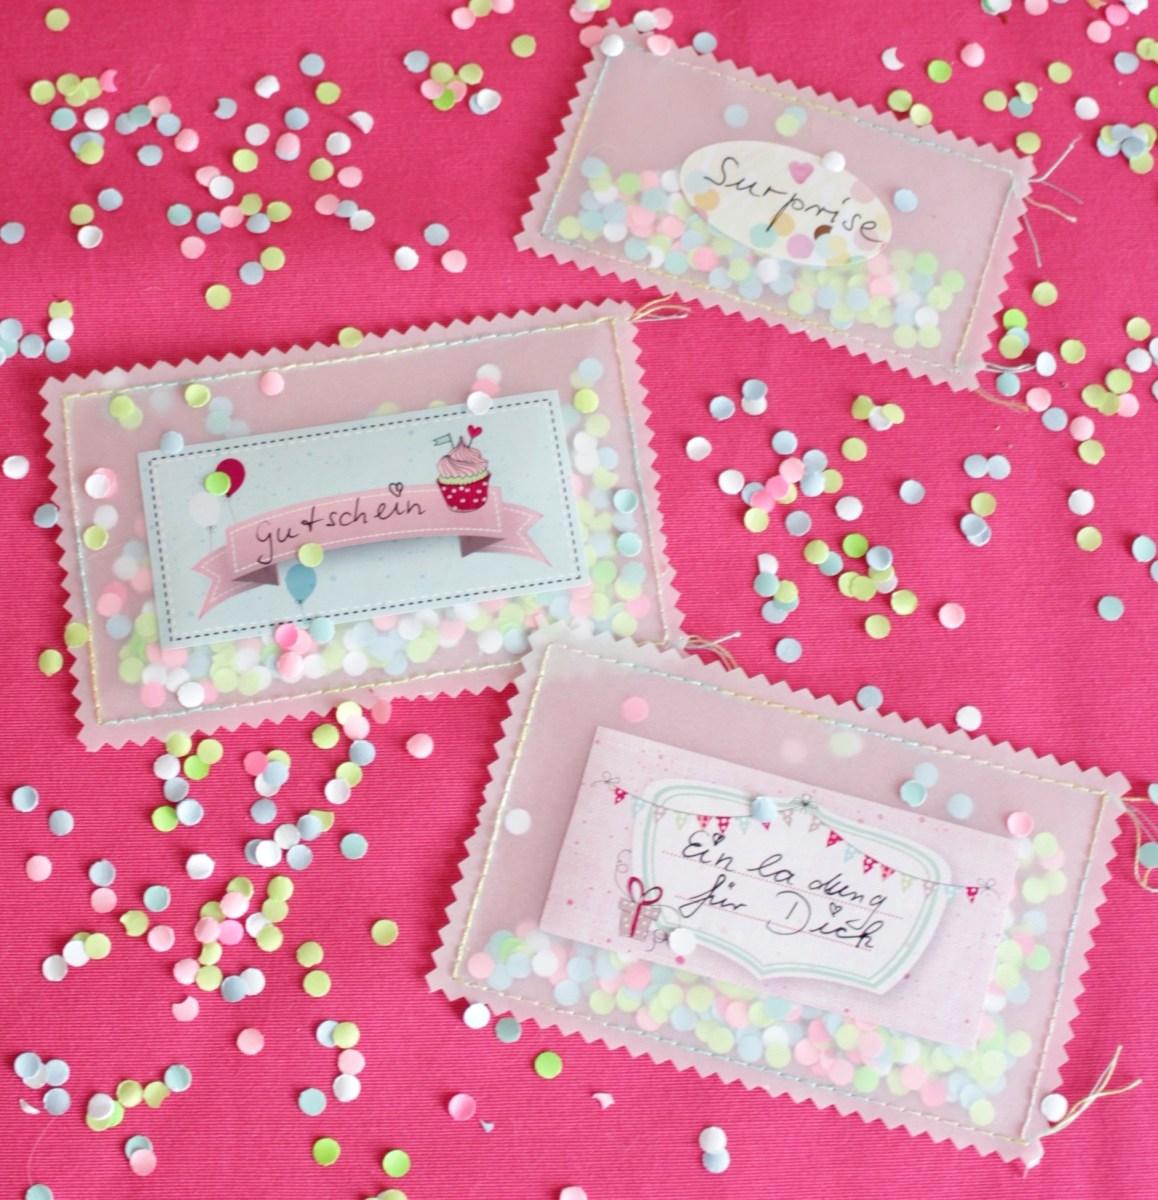 Ina's kleine Geschenkideen #2